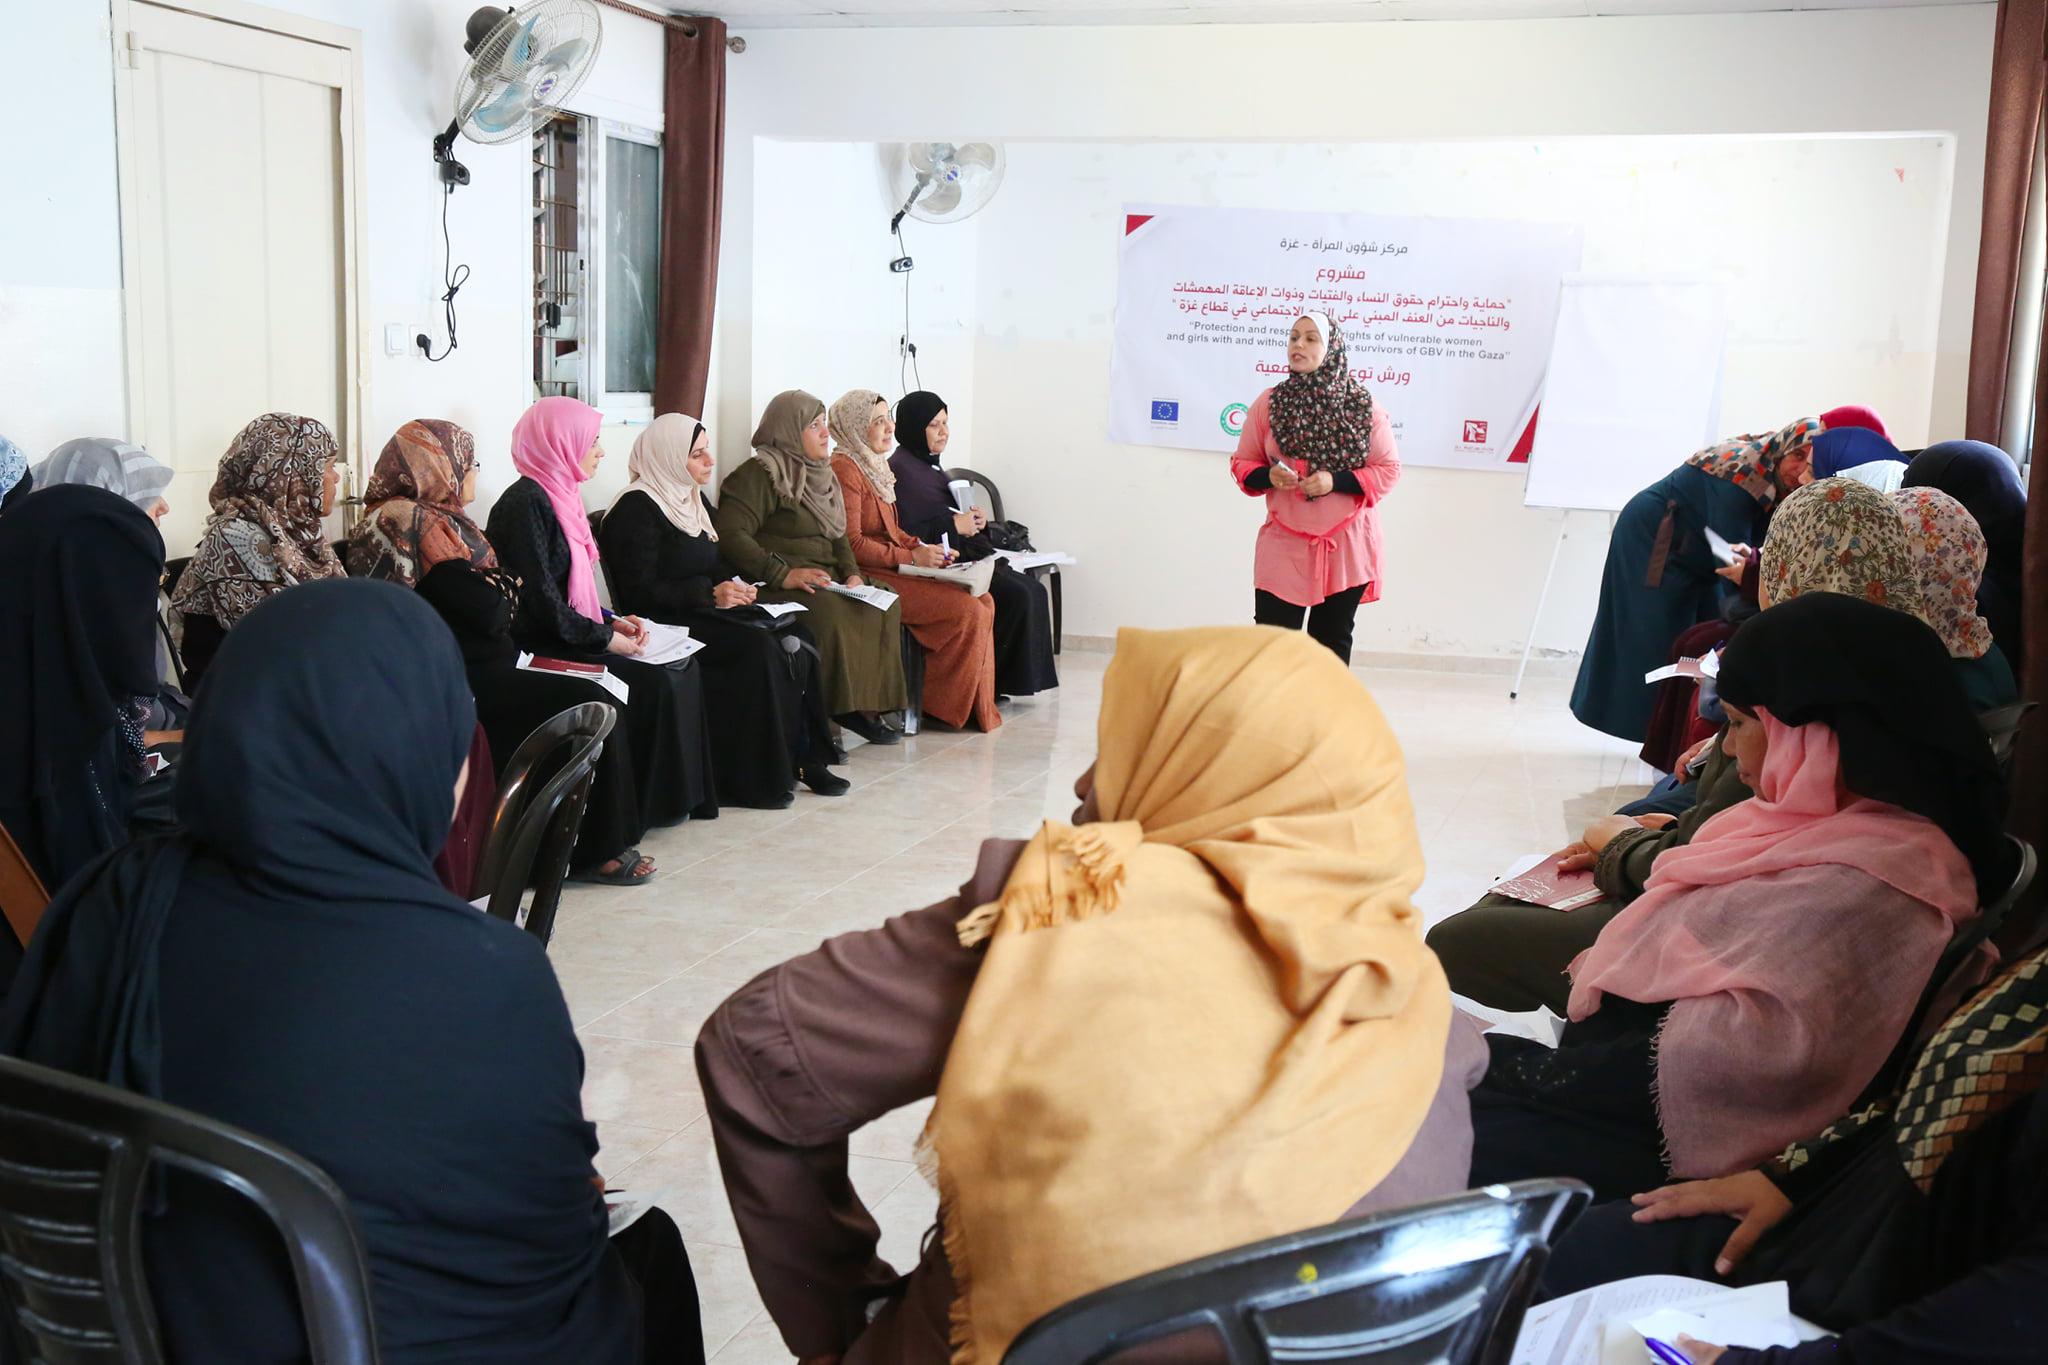 حماية واحترام حقوق النساء وذوات الإعاقة المهمشات والناجيات من العنف المبني على النوع الاجتماعي في قطاع غزة